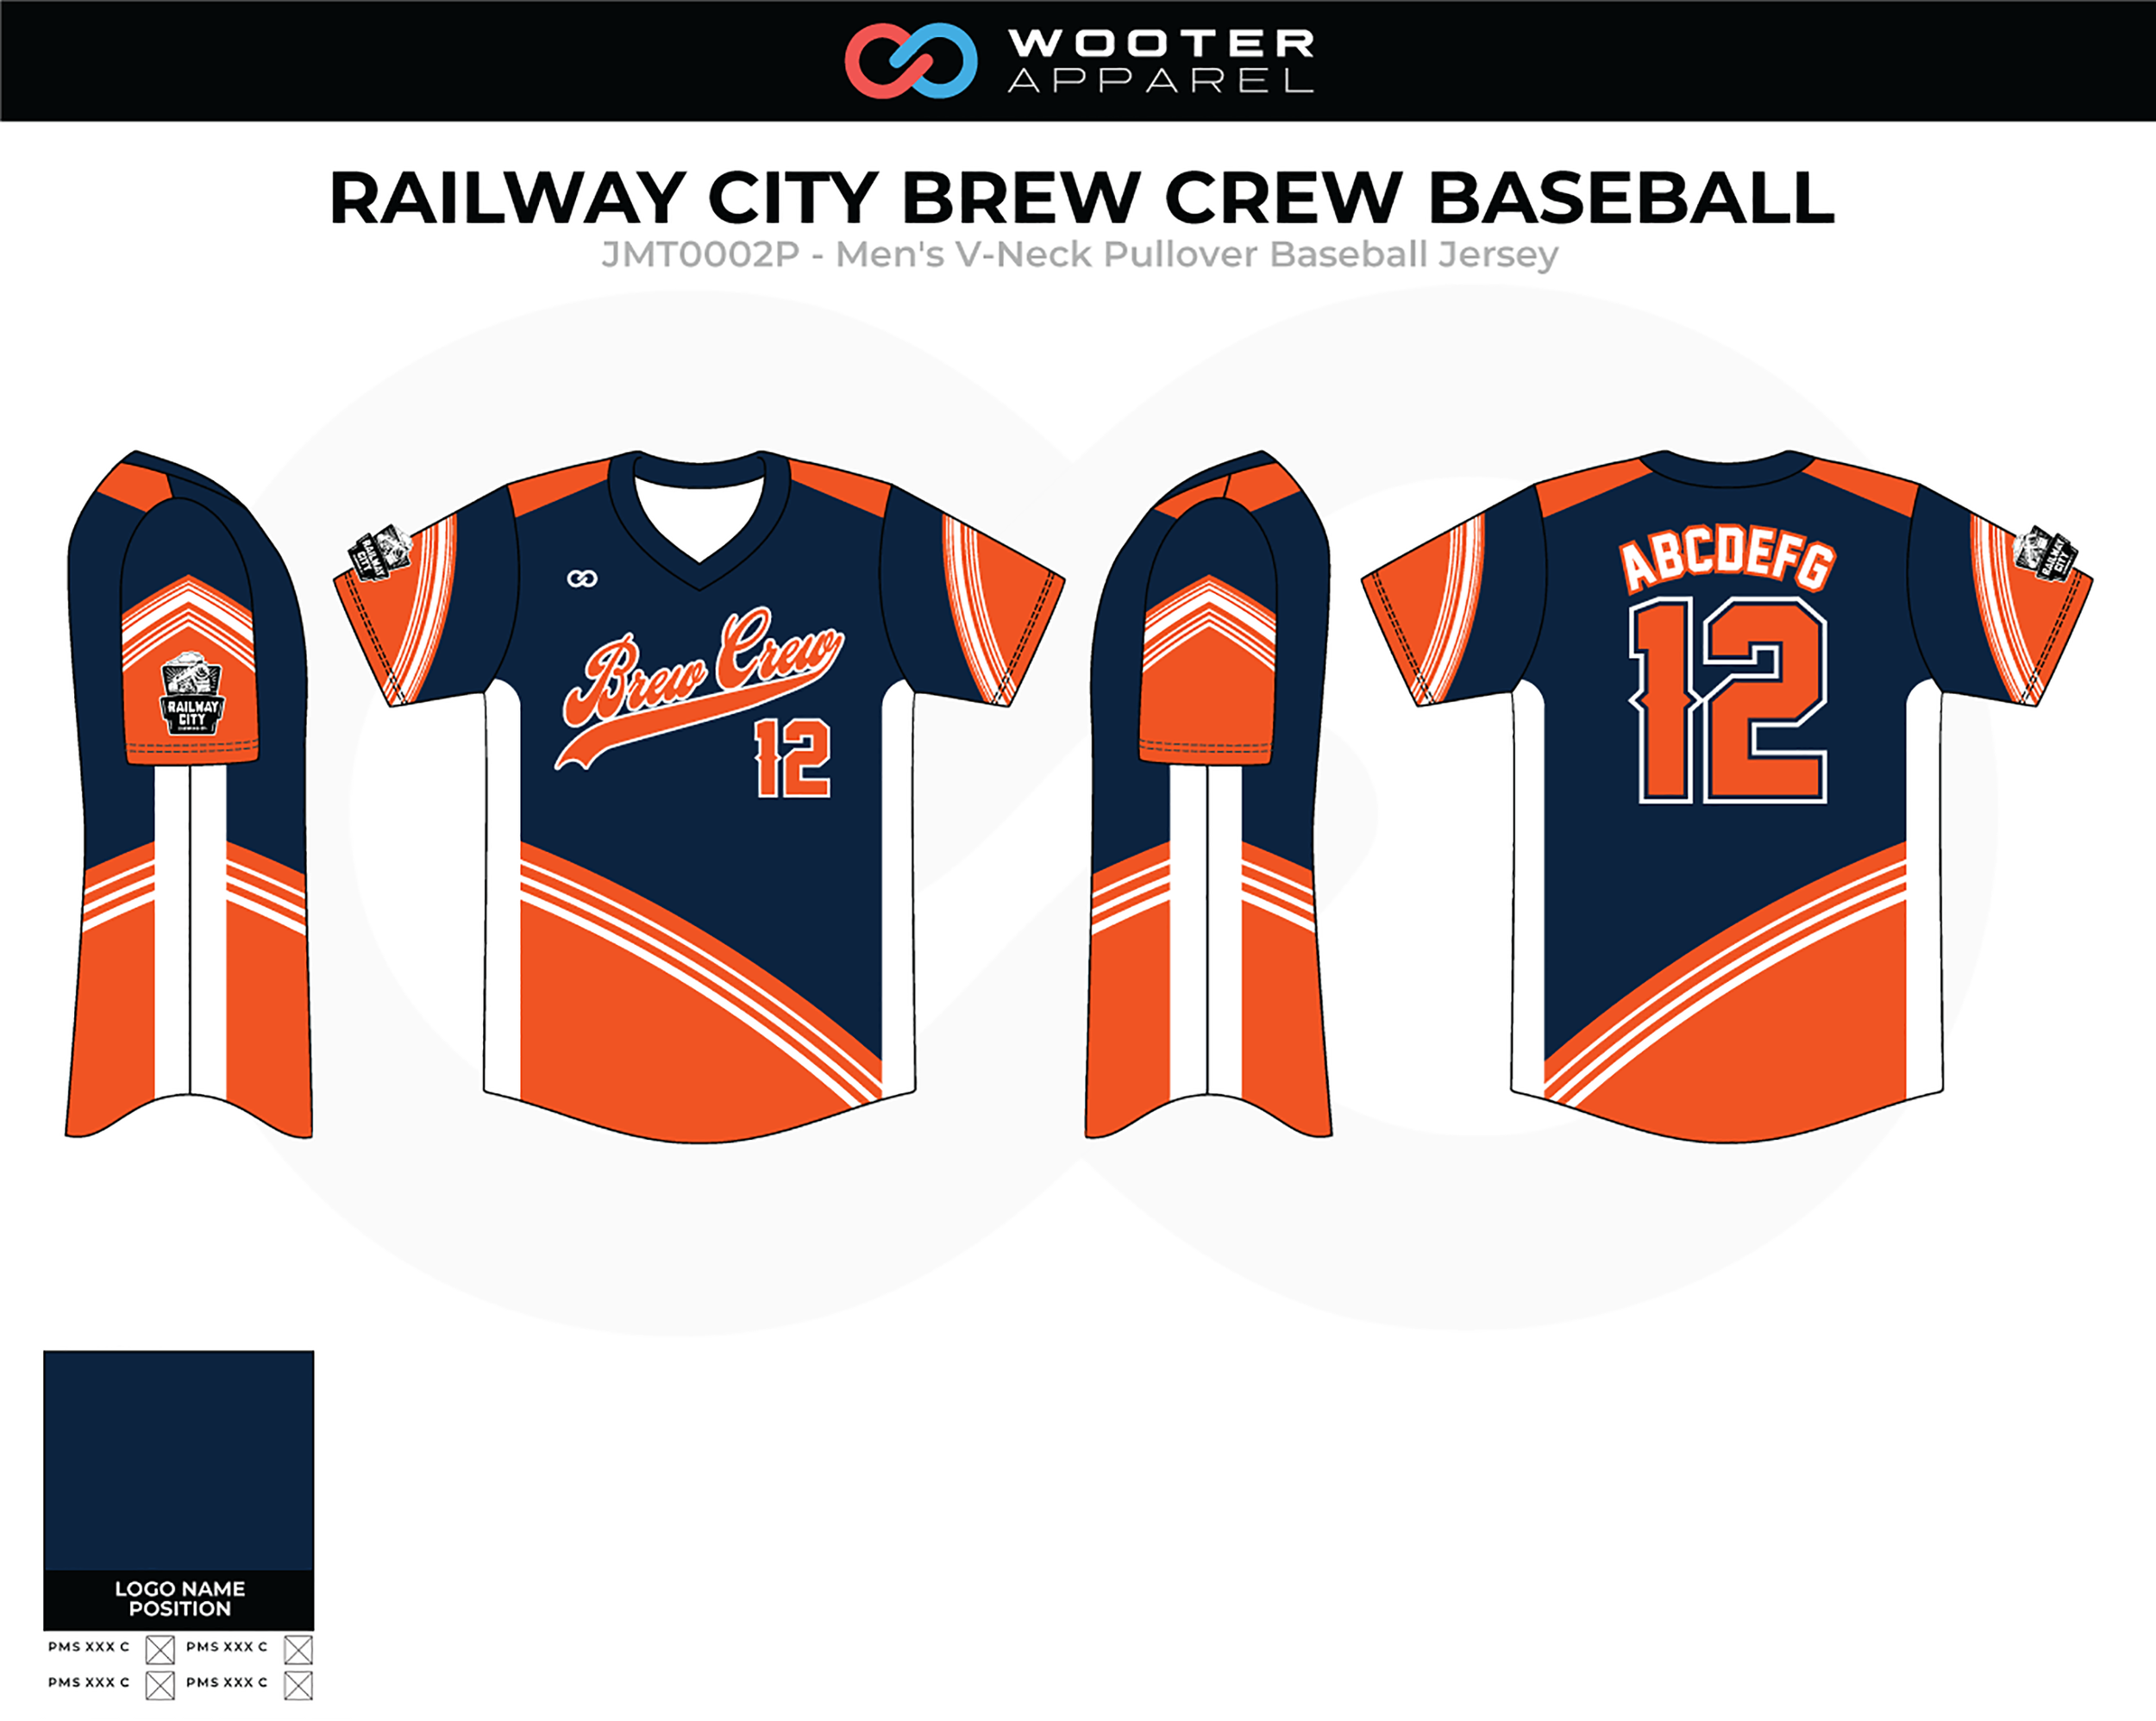 RailwayCityBrewCrewBaseball_MockupV1.png